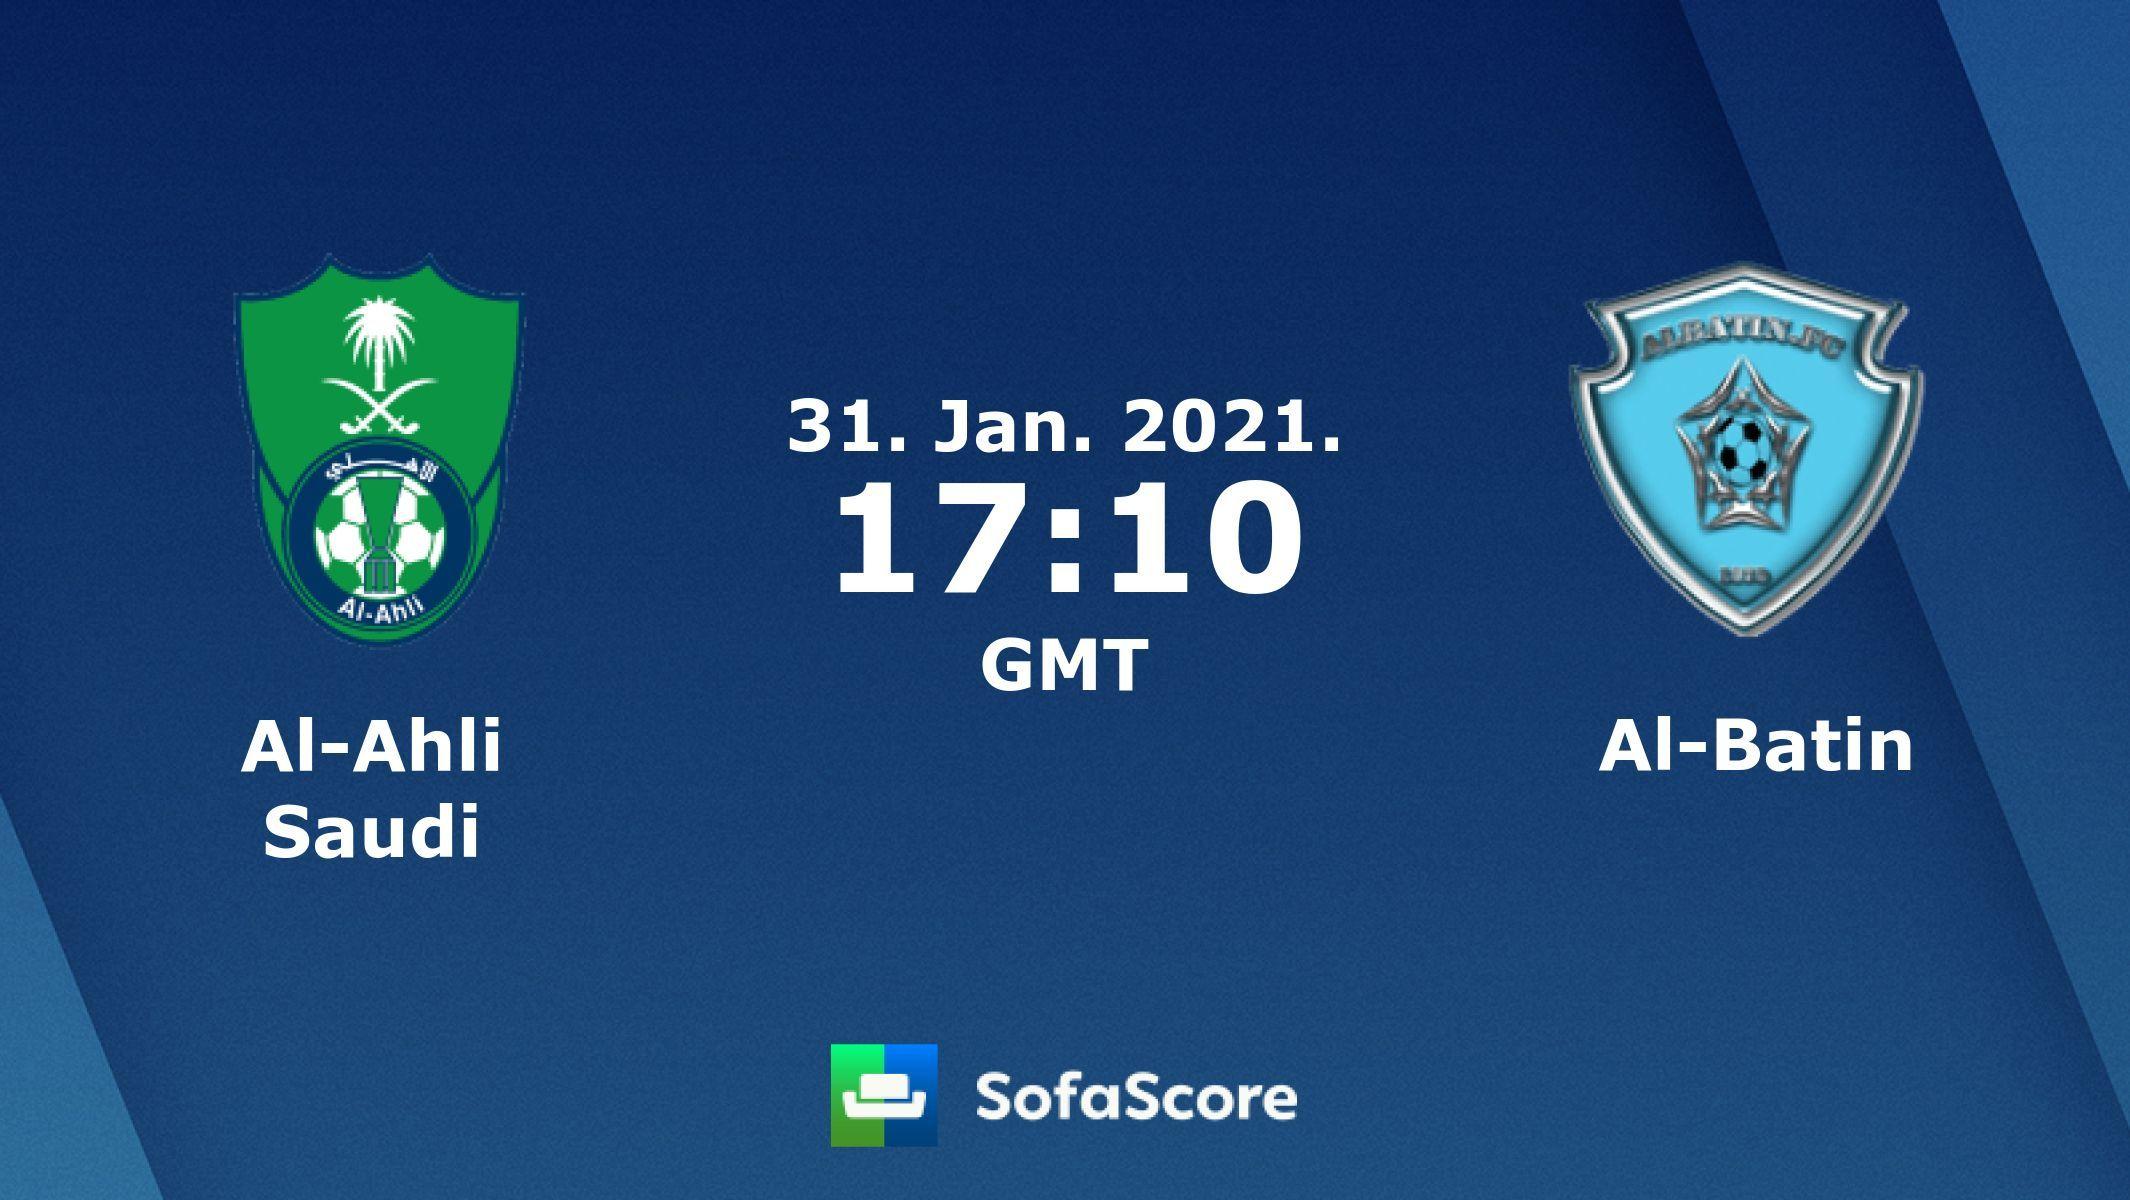 بث مباشر مشاهدة مباراة الأهلي والباطن الدوري السعودي In 2021 Match Of The Day Football Words